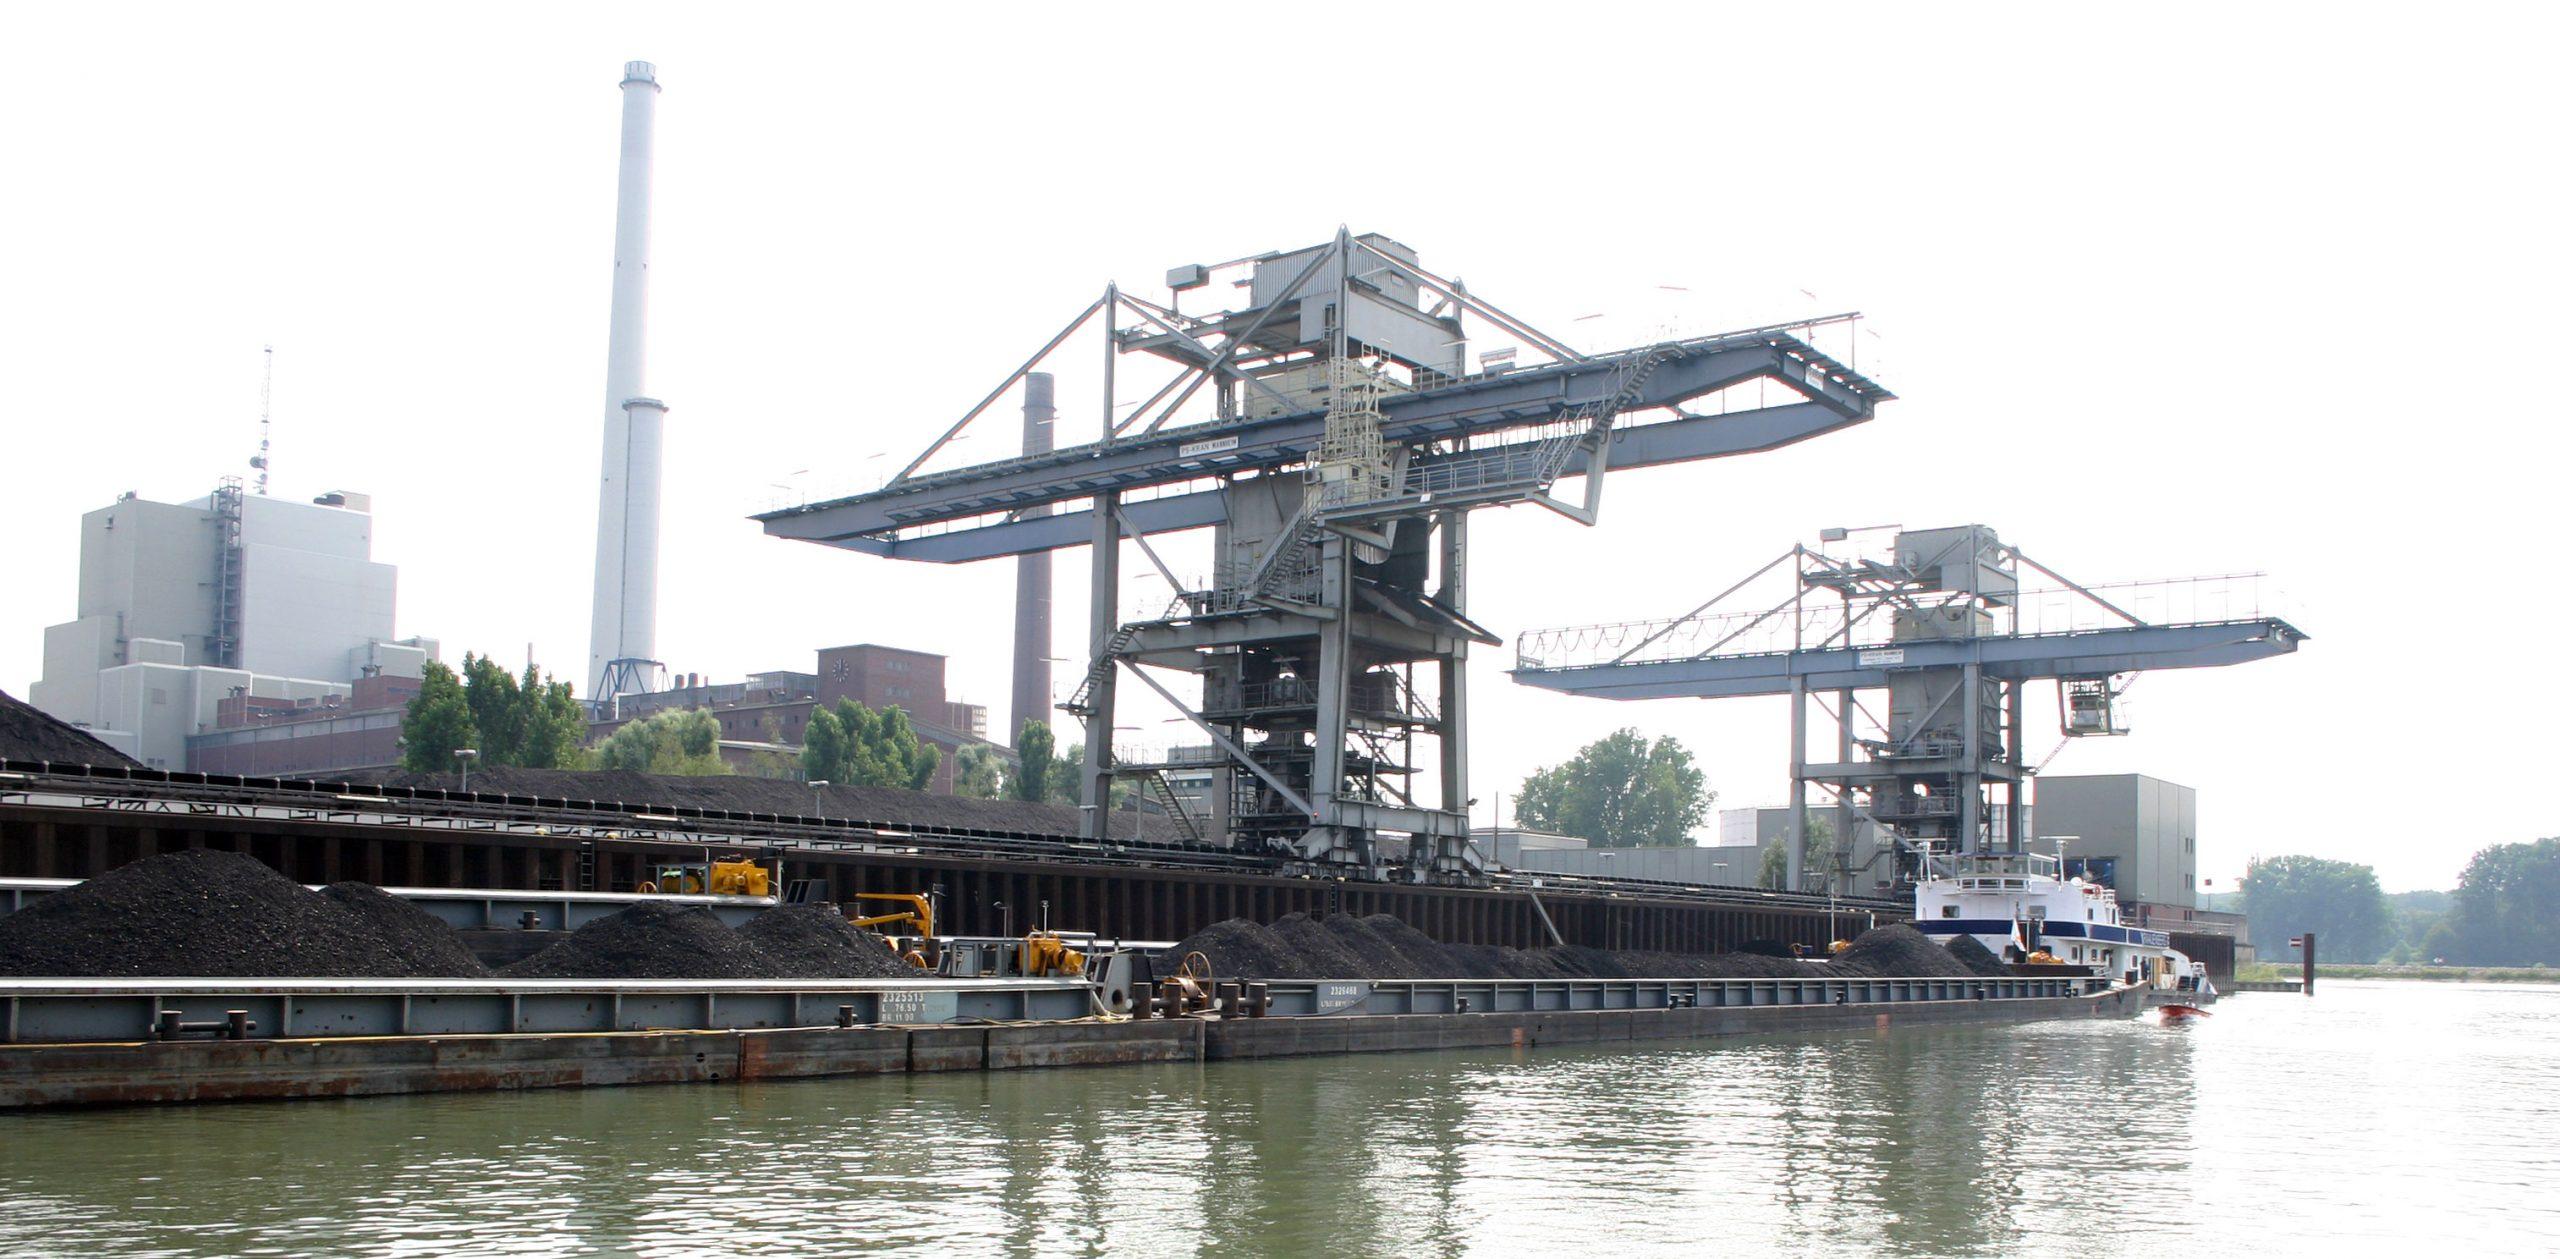 Hafen-03-scaled